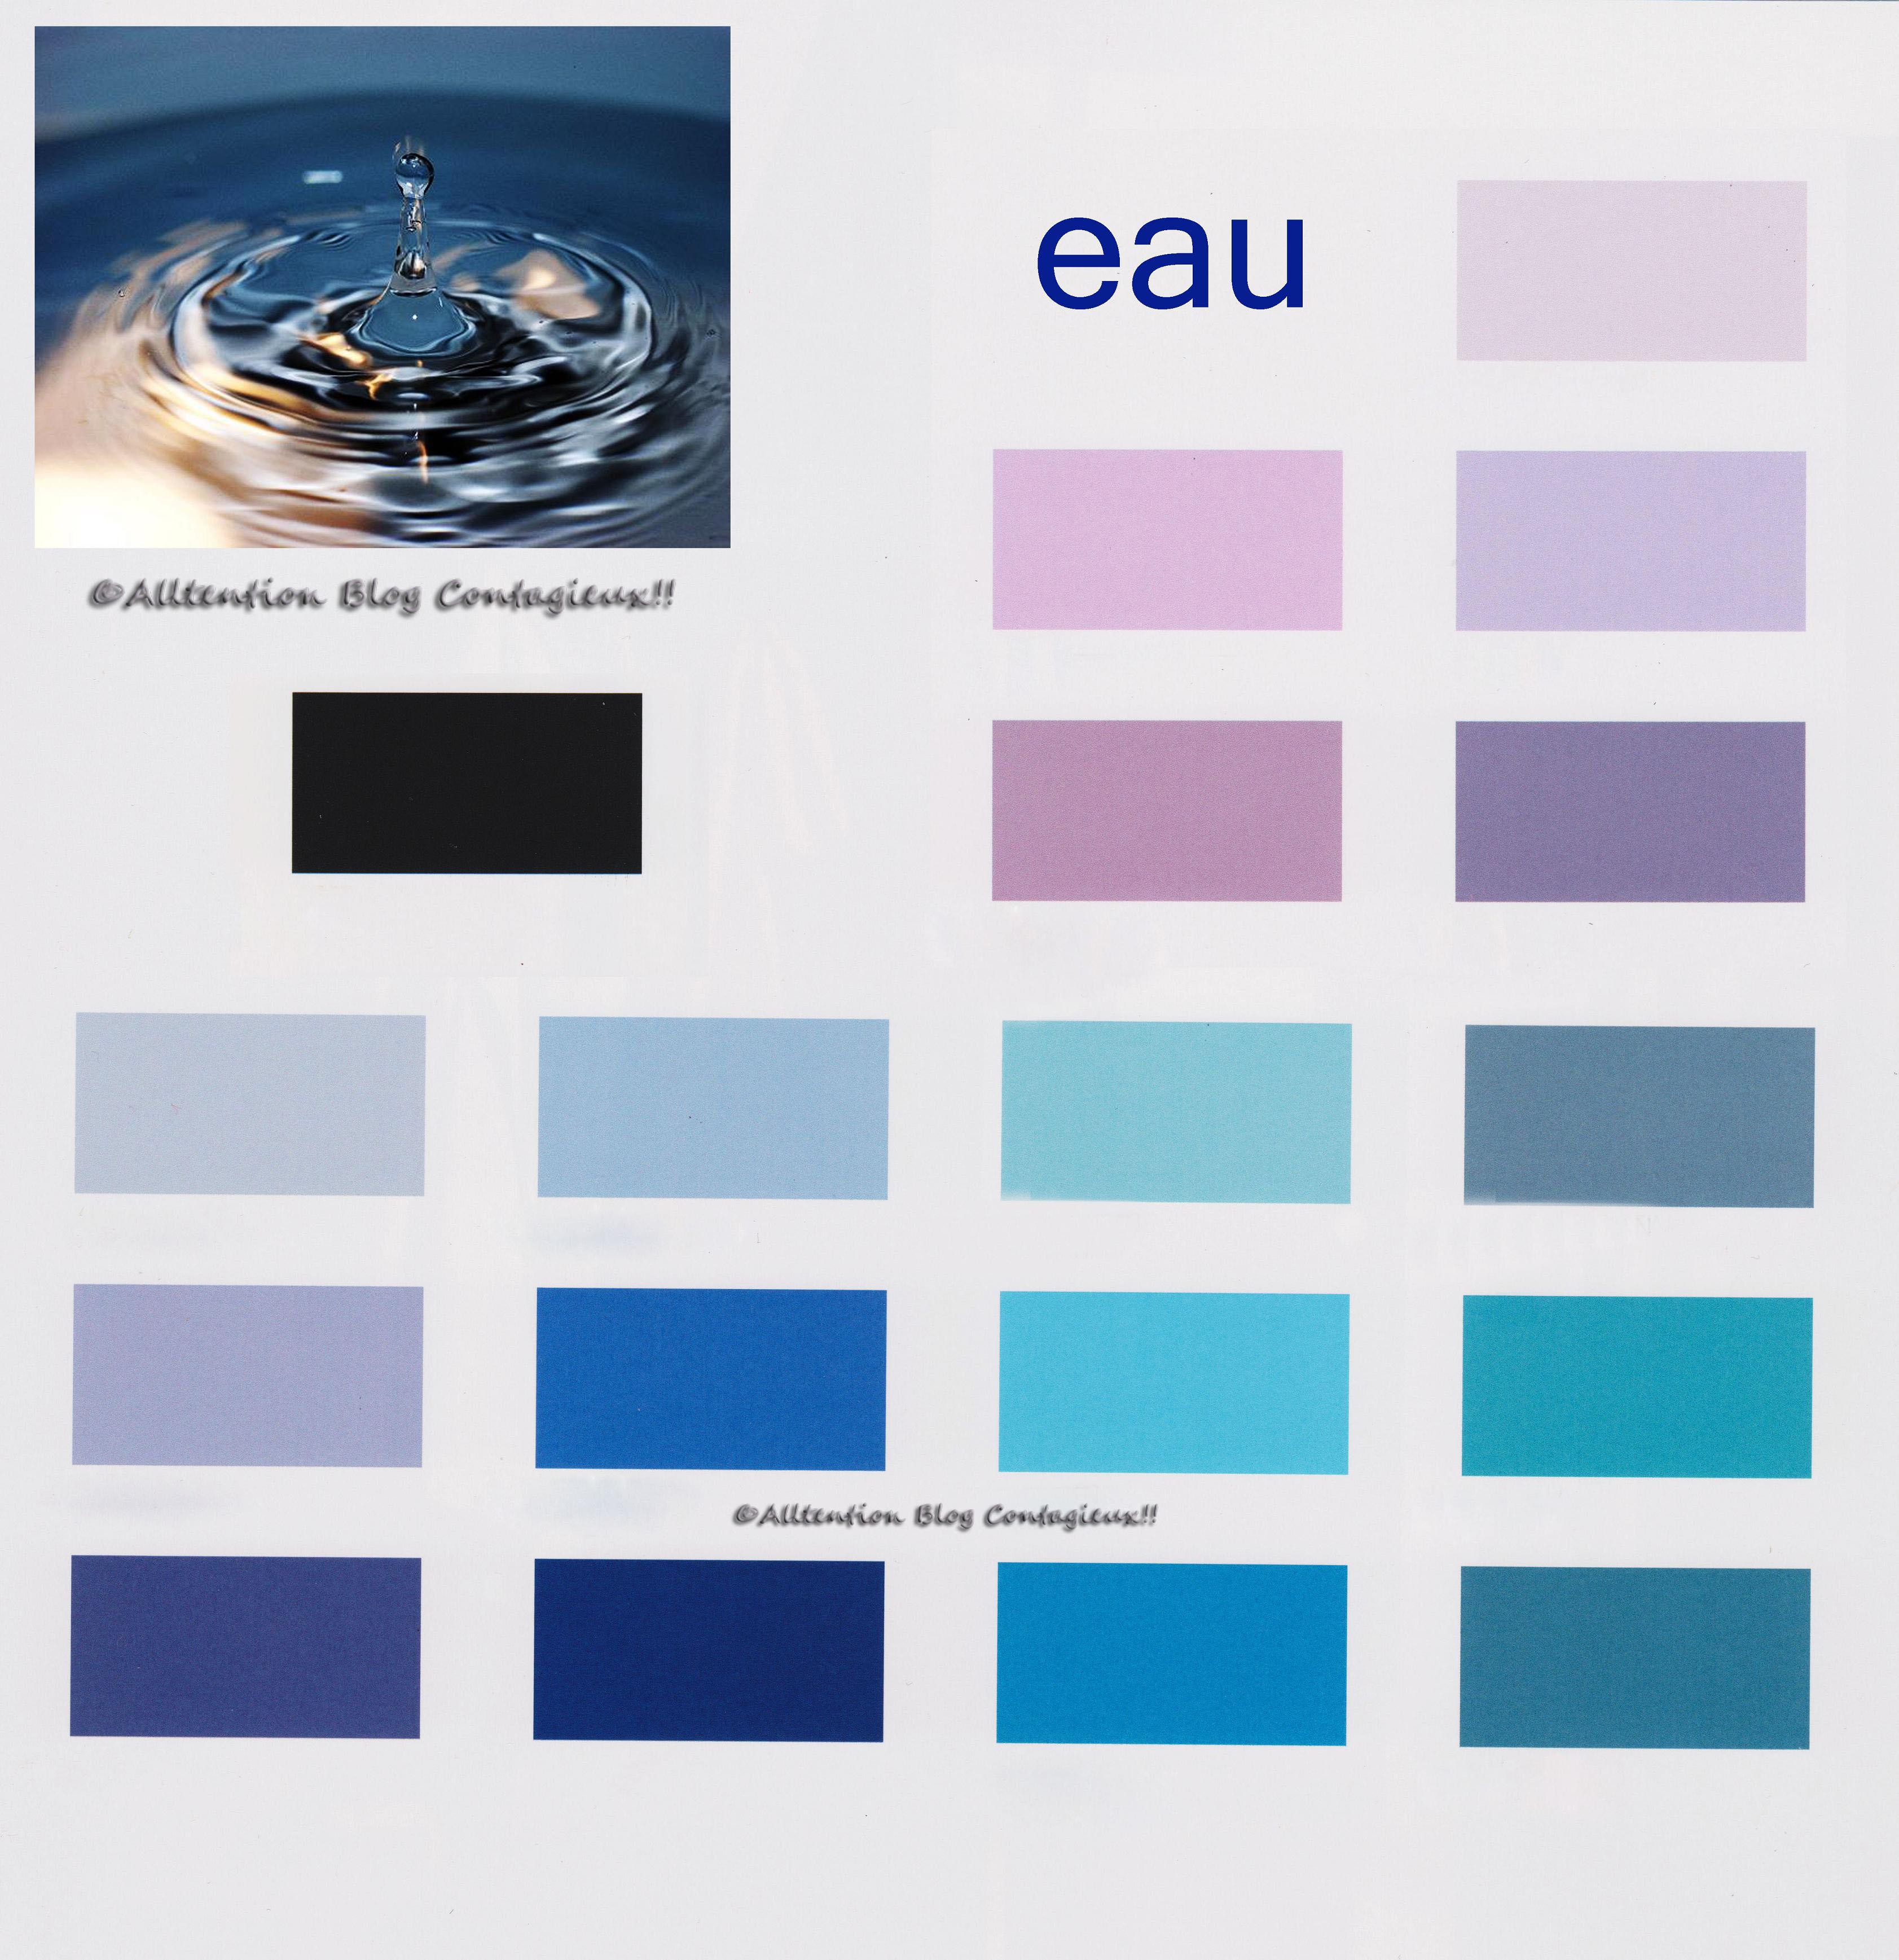 Chambre Fille Bleu Et Violet : Les couleurs  bleu et ses dérivés, parme, lilas (violet clair) noir